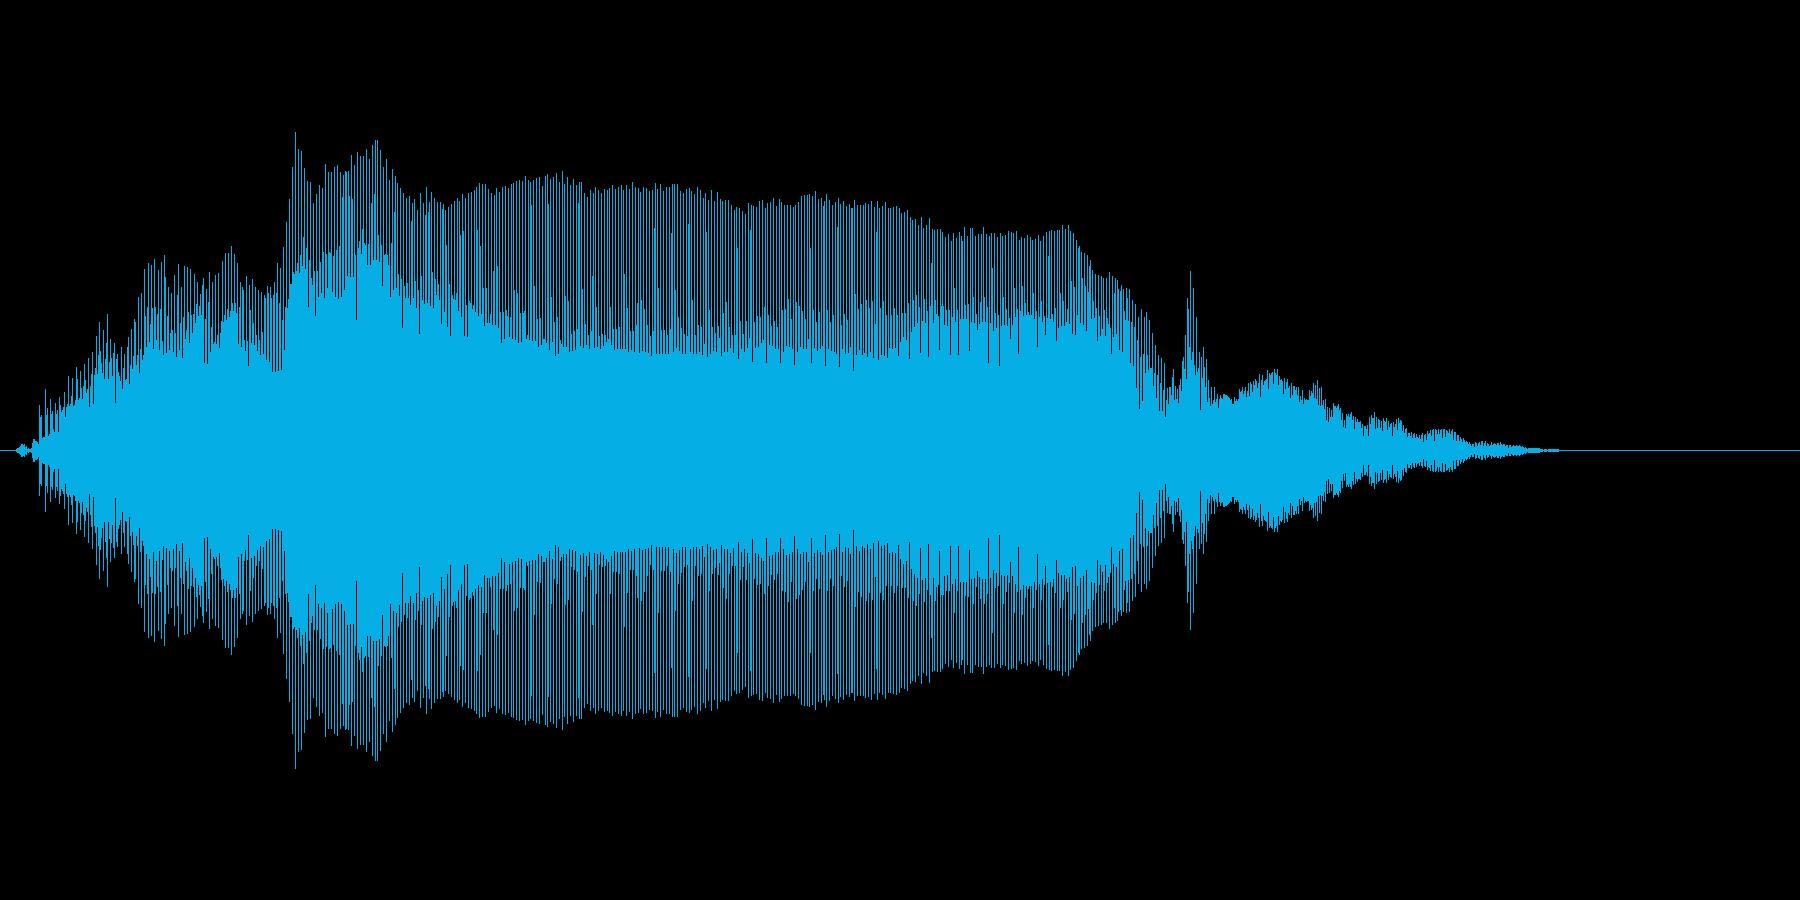 「イエイ!」2の再生済みの波形